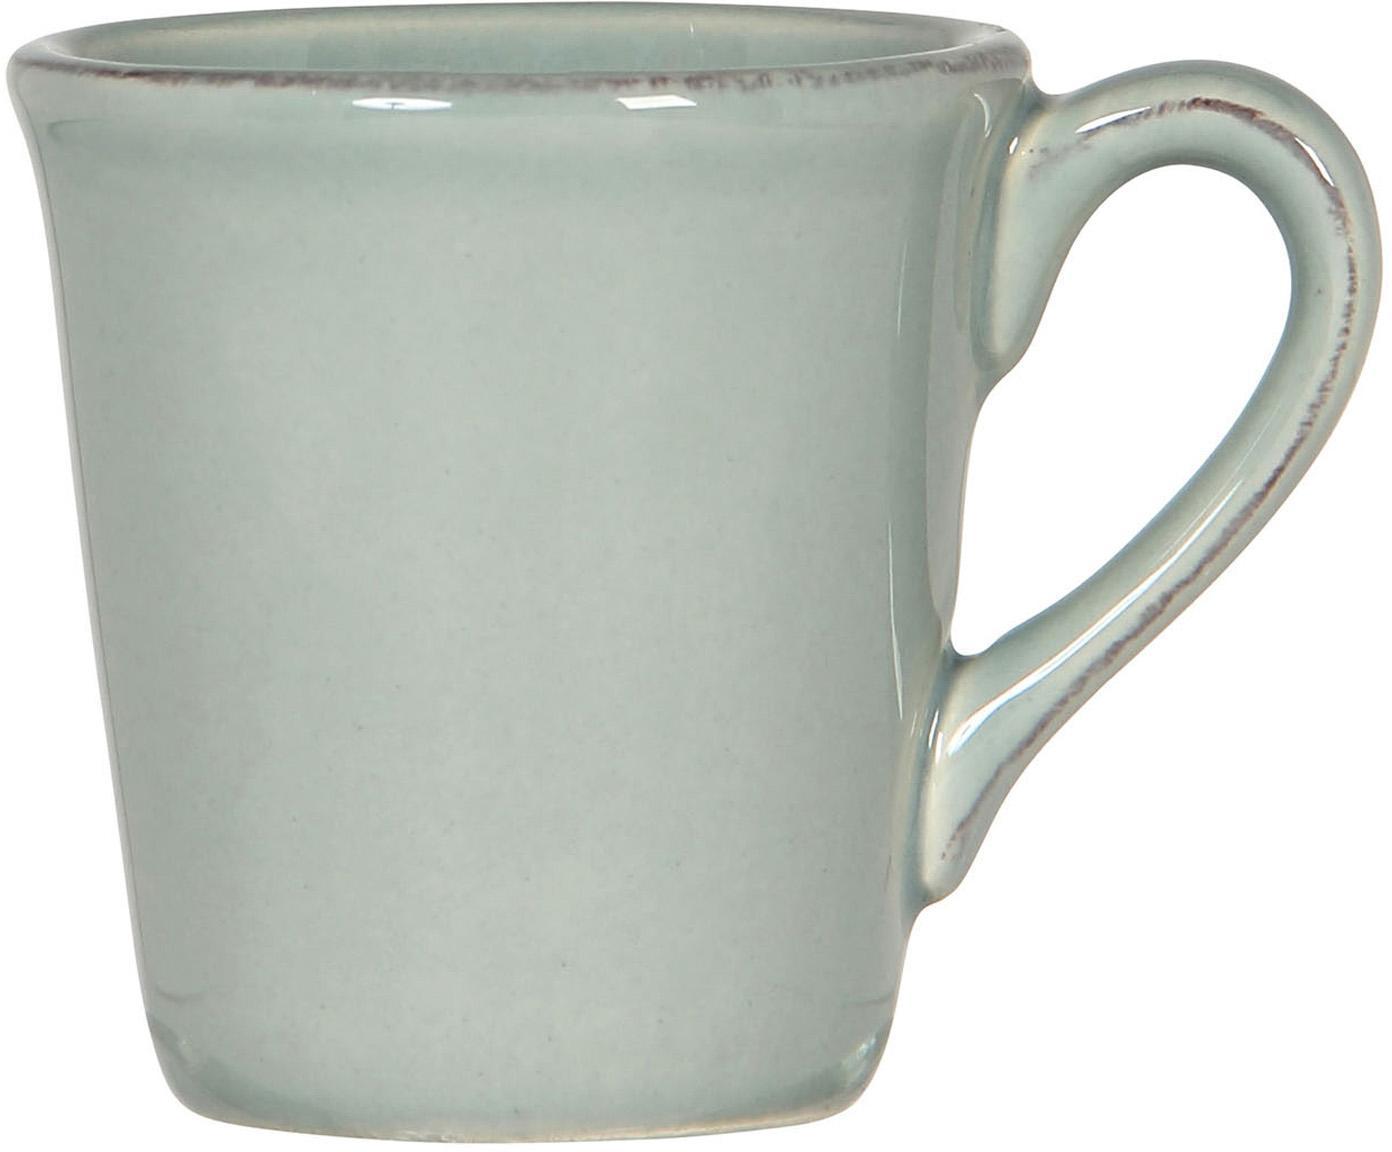 Tazas de café Constance, 2uds., Gres, Verde menta, Ø 8 x Al 6